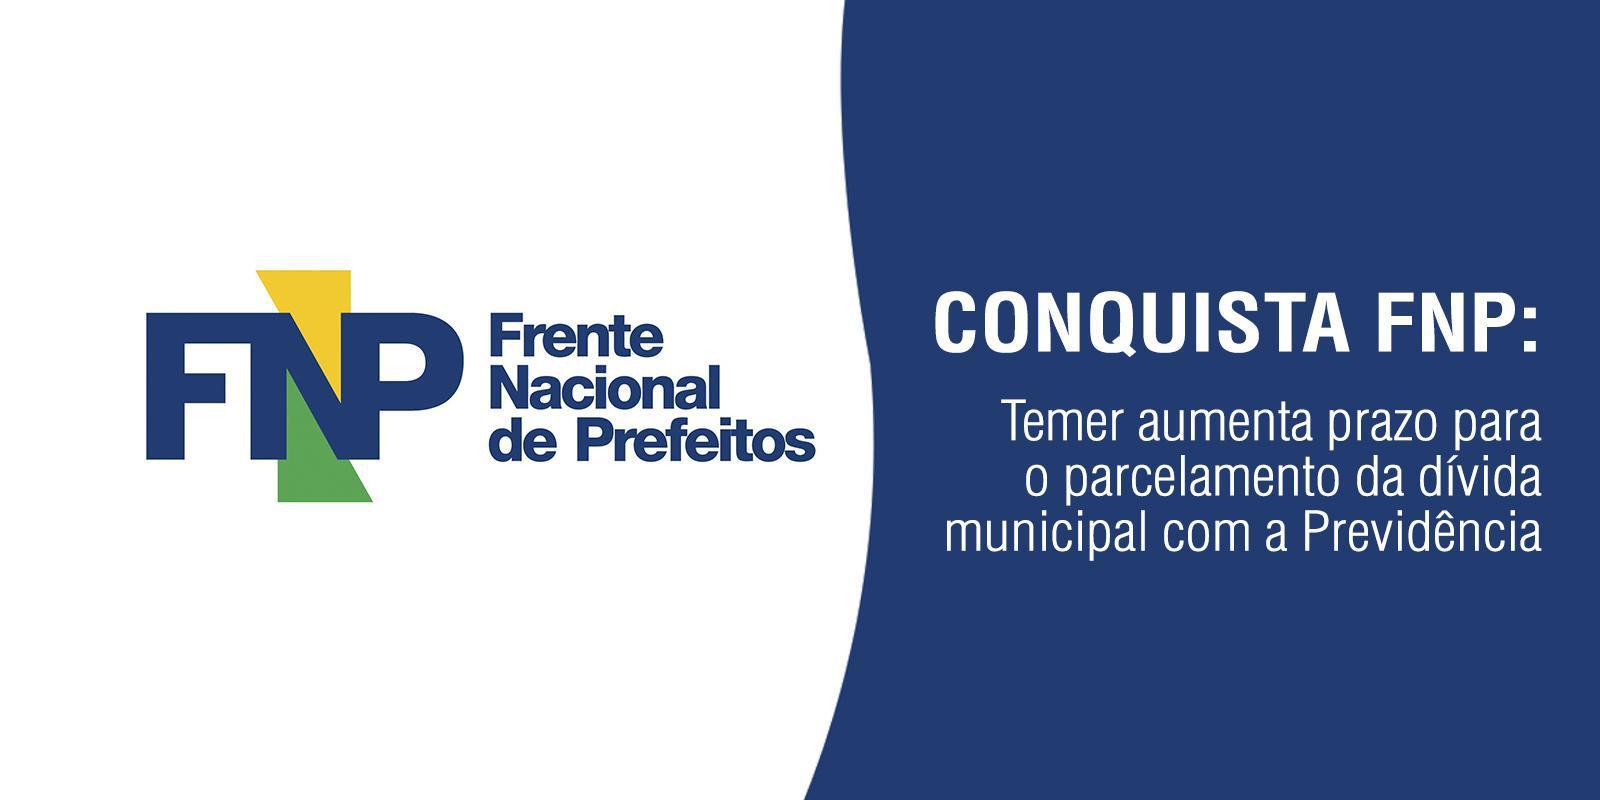 Conquista FNP: Temer aumenta prazo para o parcelamento da dívida municipal com a Previdência.